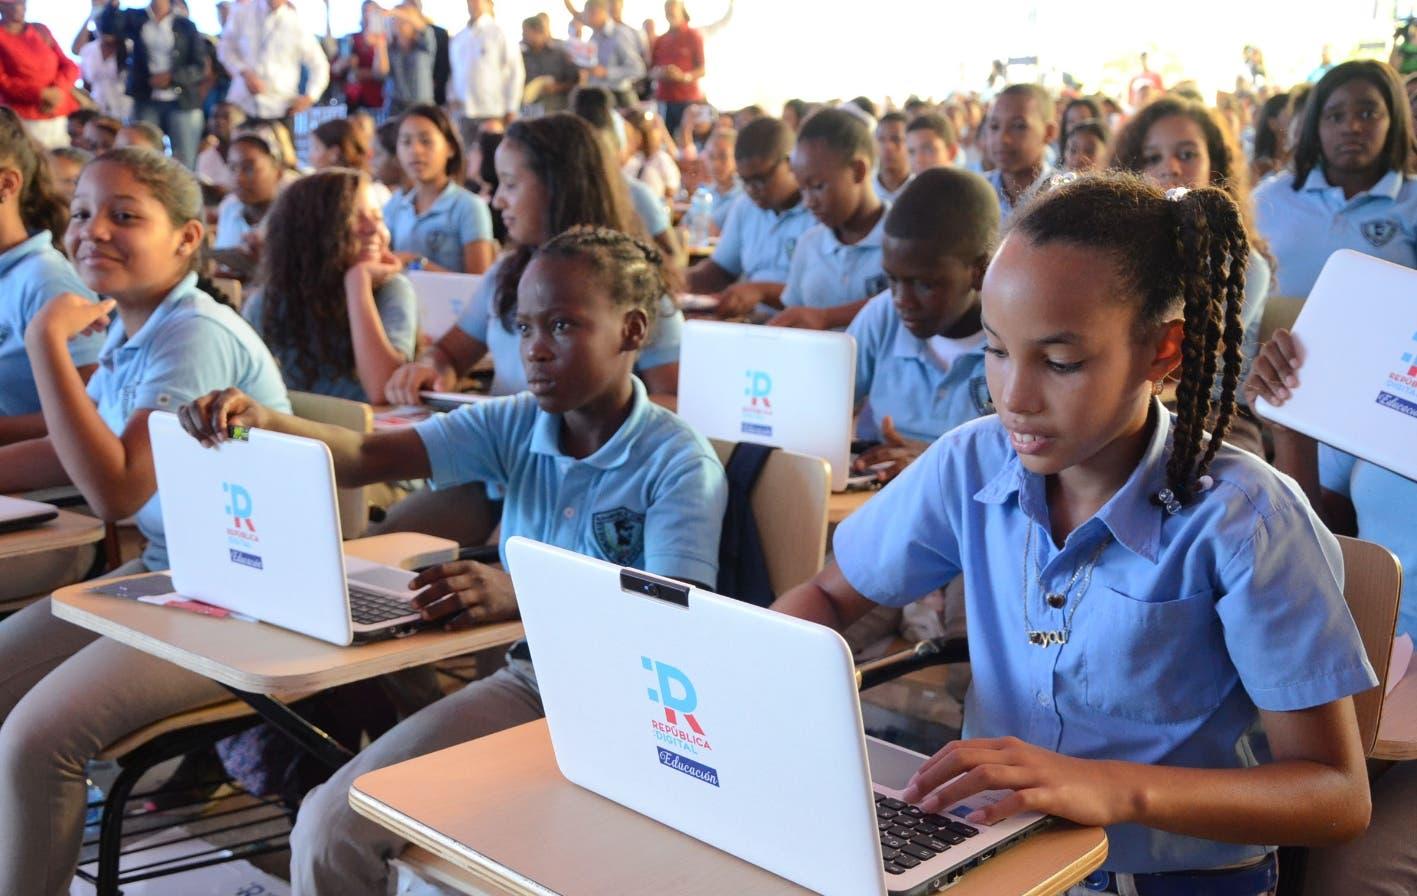 Apagones y brecha digital son retos  de la educación virtual